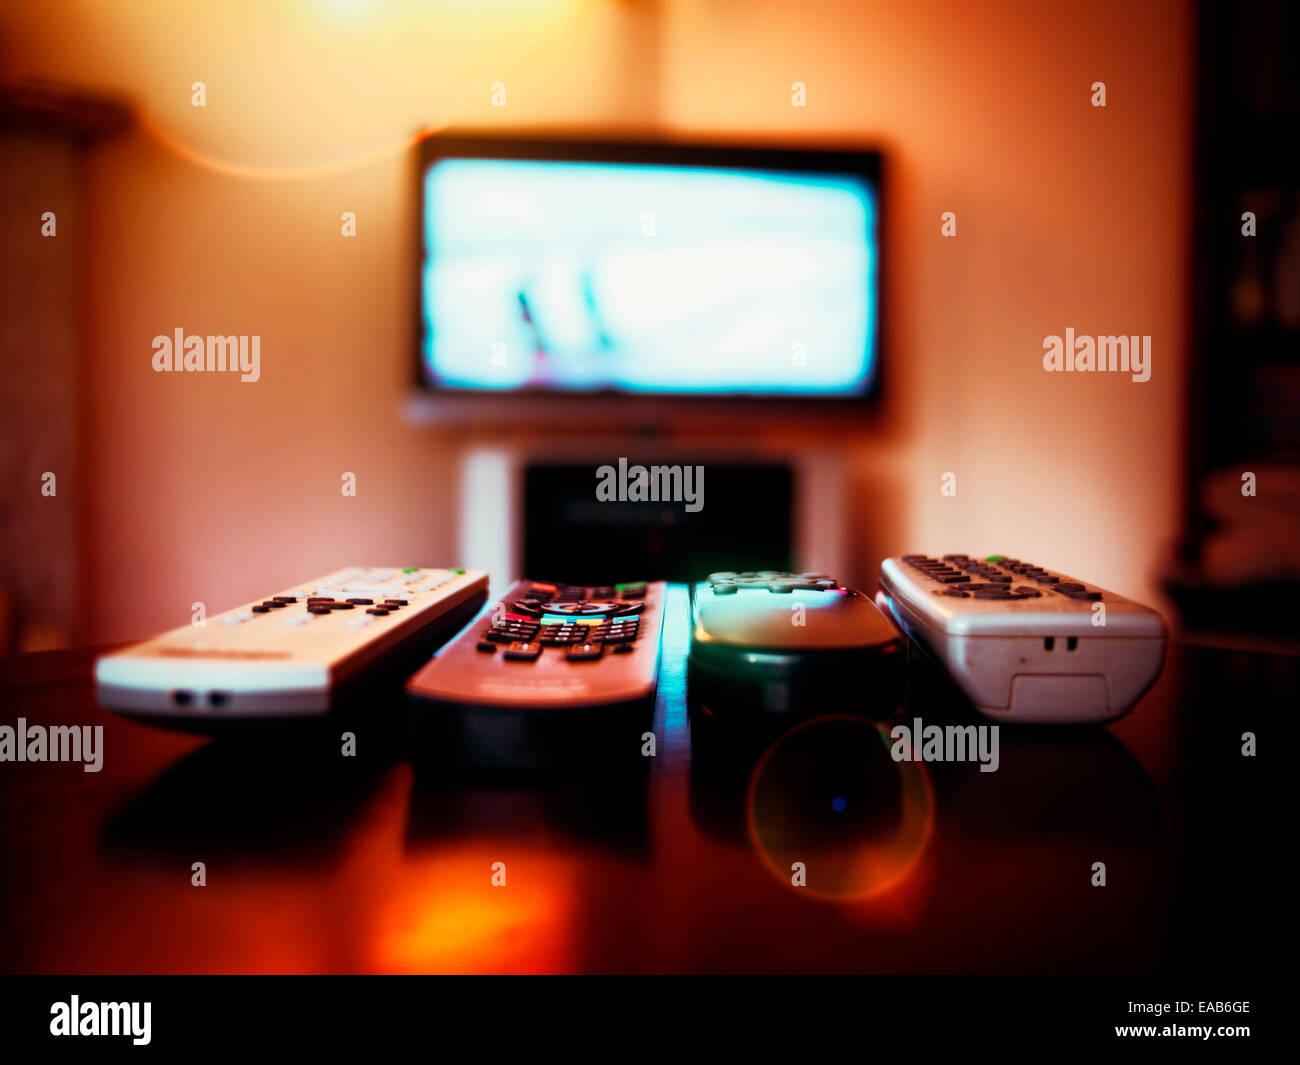 Cuatro dispositivos de control remoto y tv Imagen De Stock